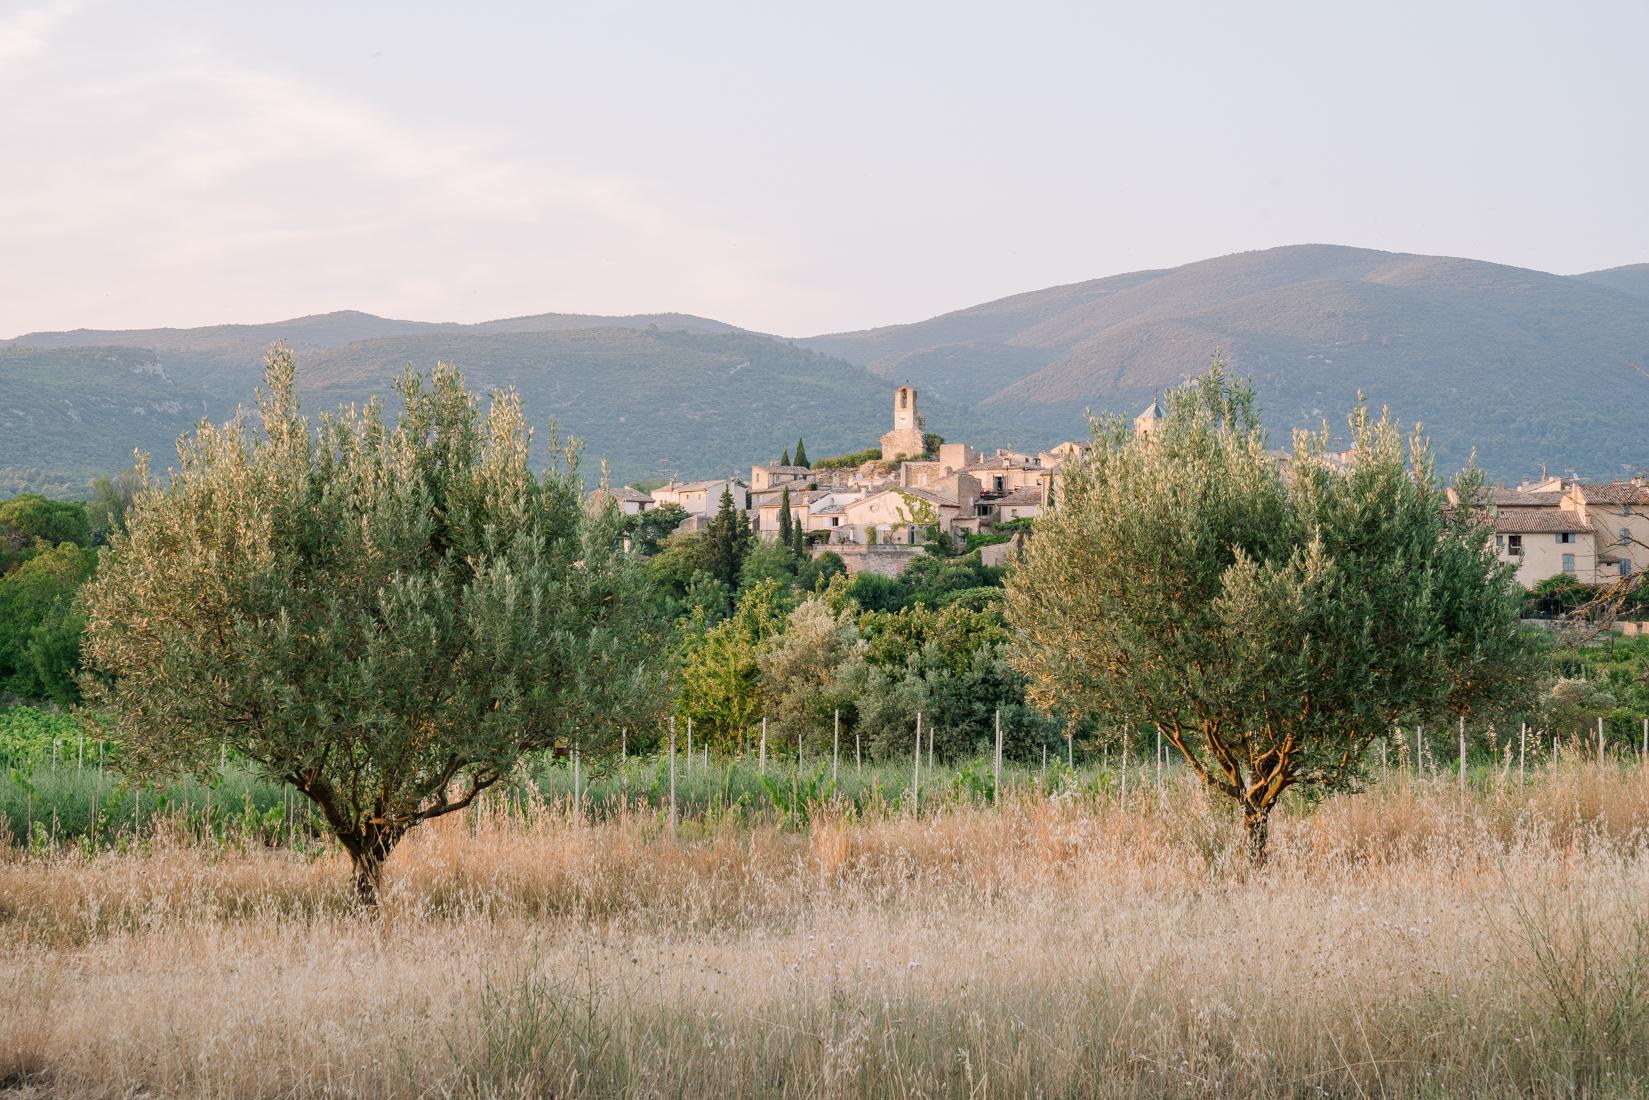 TRAVEL-Photography-provence-hotel-restaurant-interior-Lourmarin-Clara-Tuma.jpg